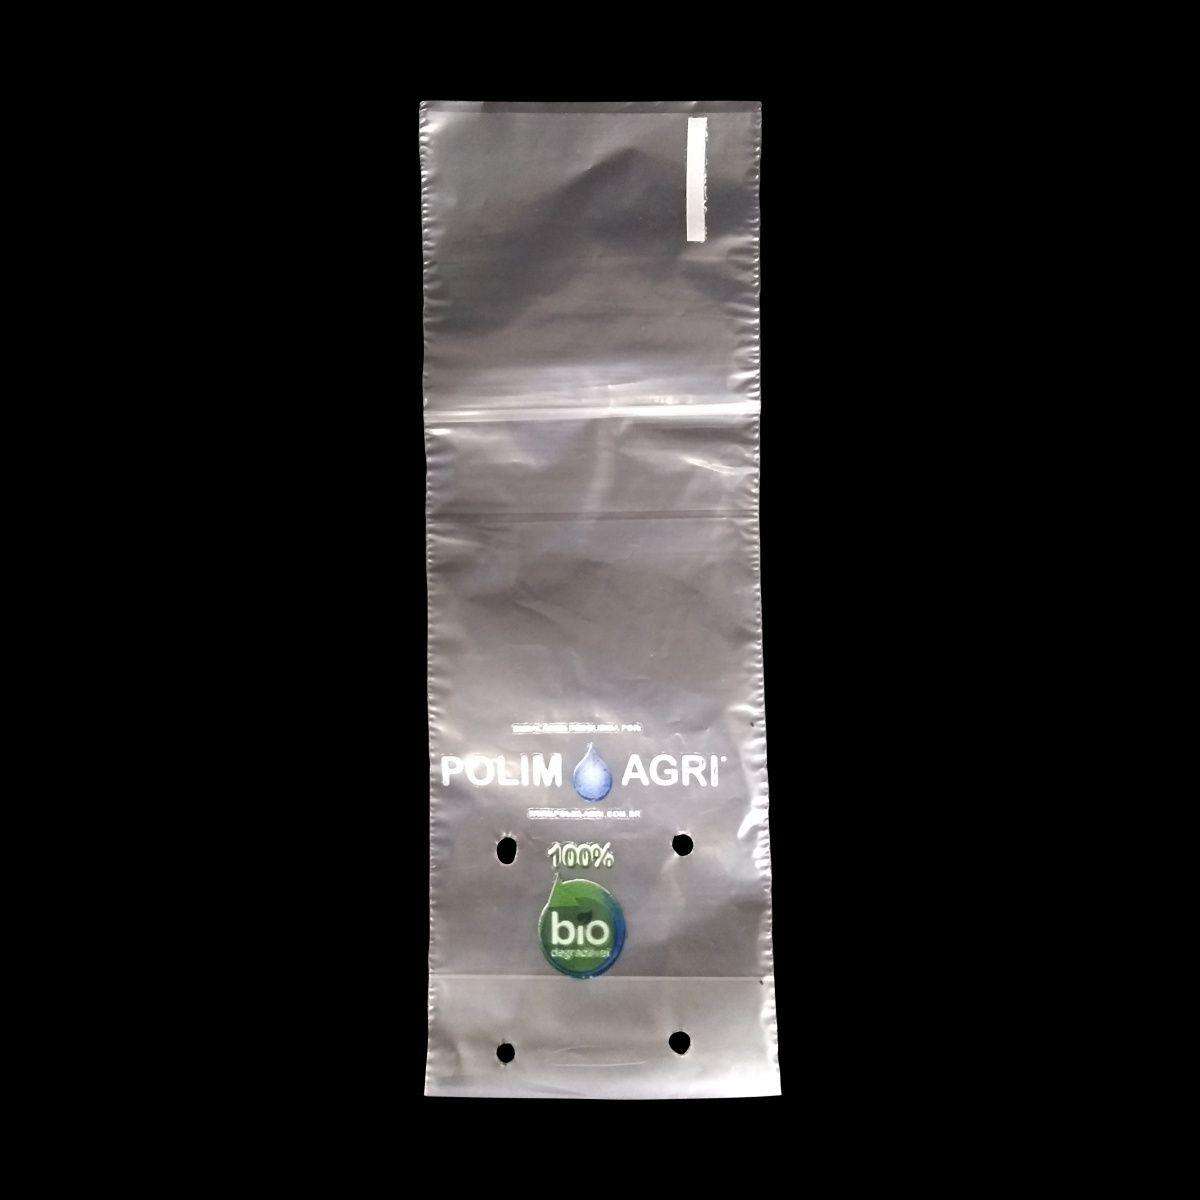 Saco Biodegradável para Mudas aproximadamente 8cm x 18cm Polim-Pote Bio kit com 100 unidades